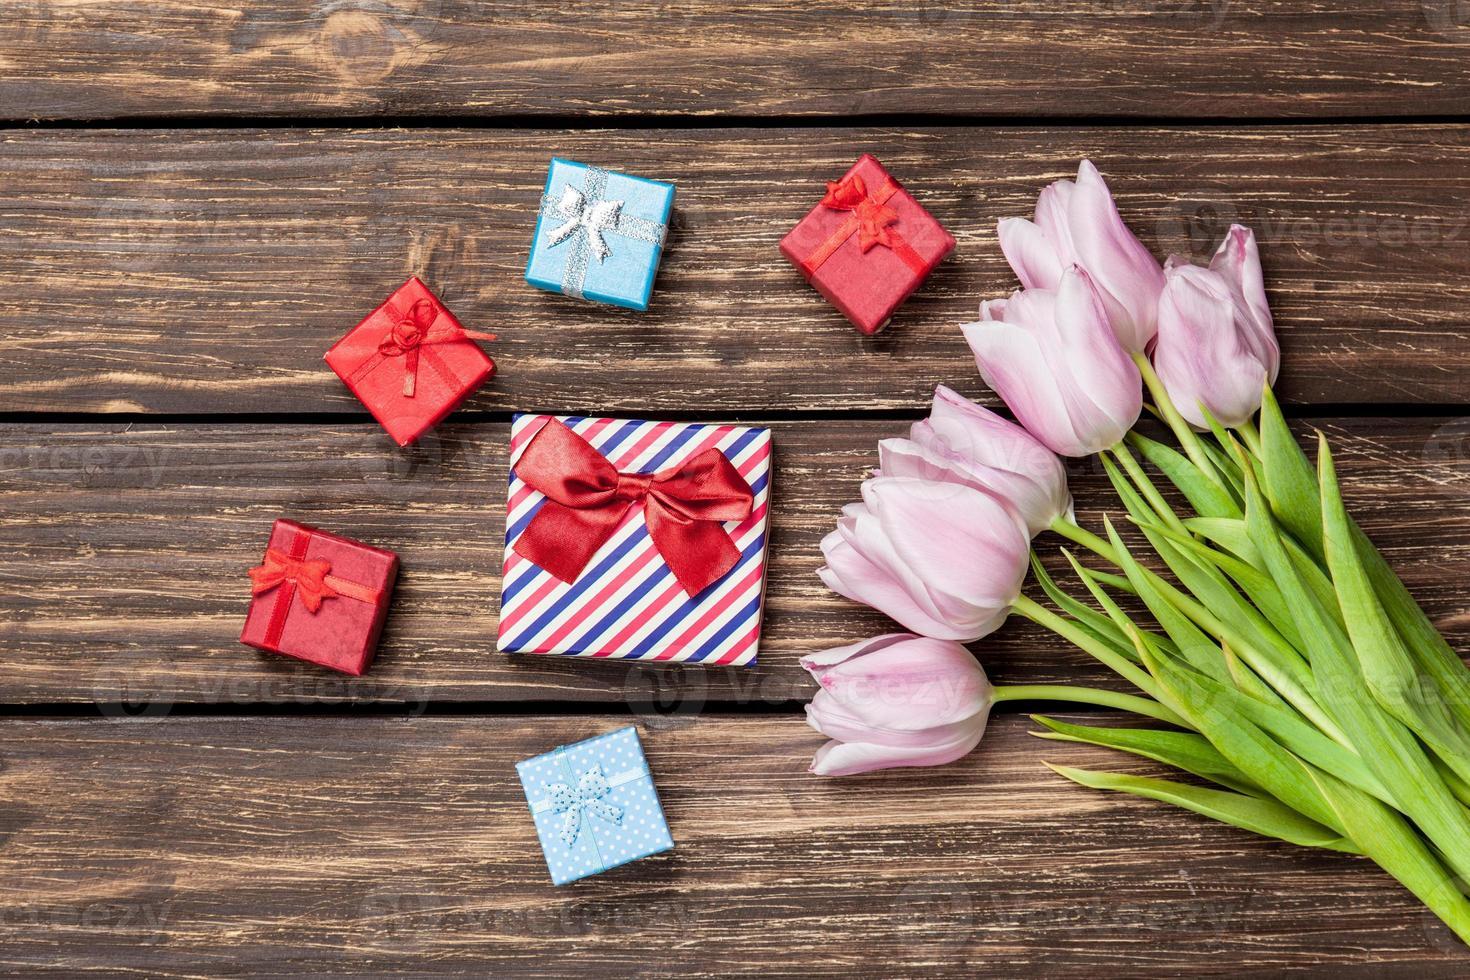 cajas de regalo y ramo de tulipanes foto